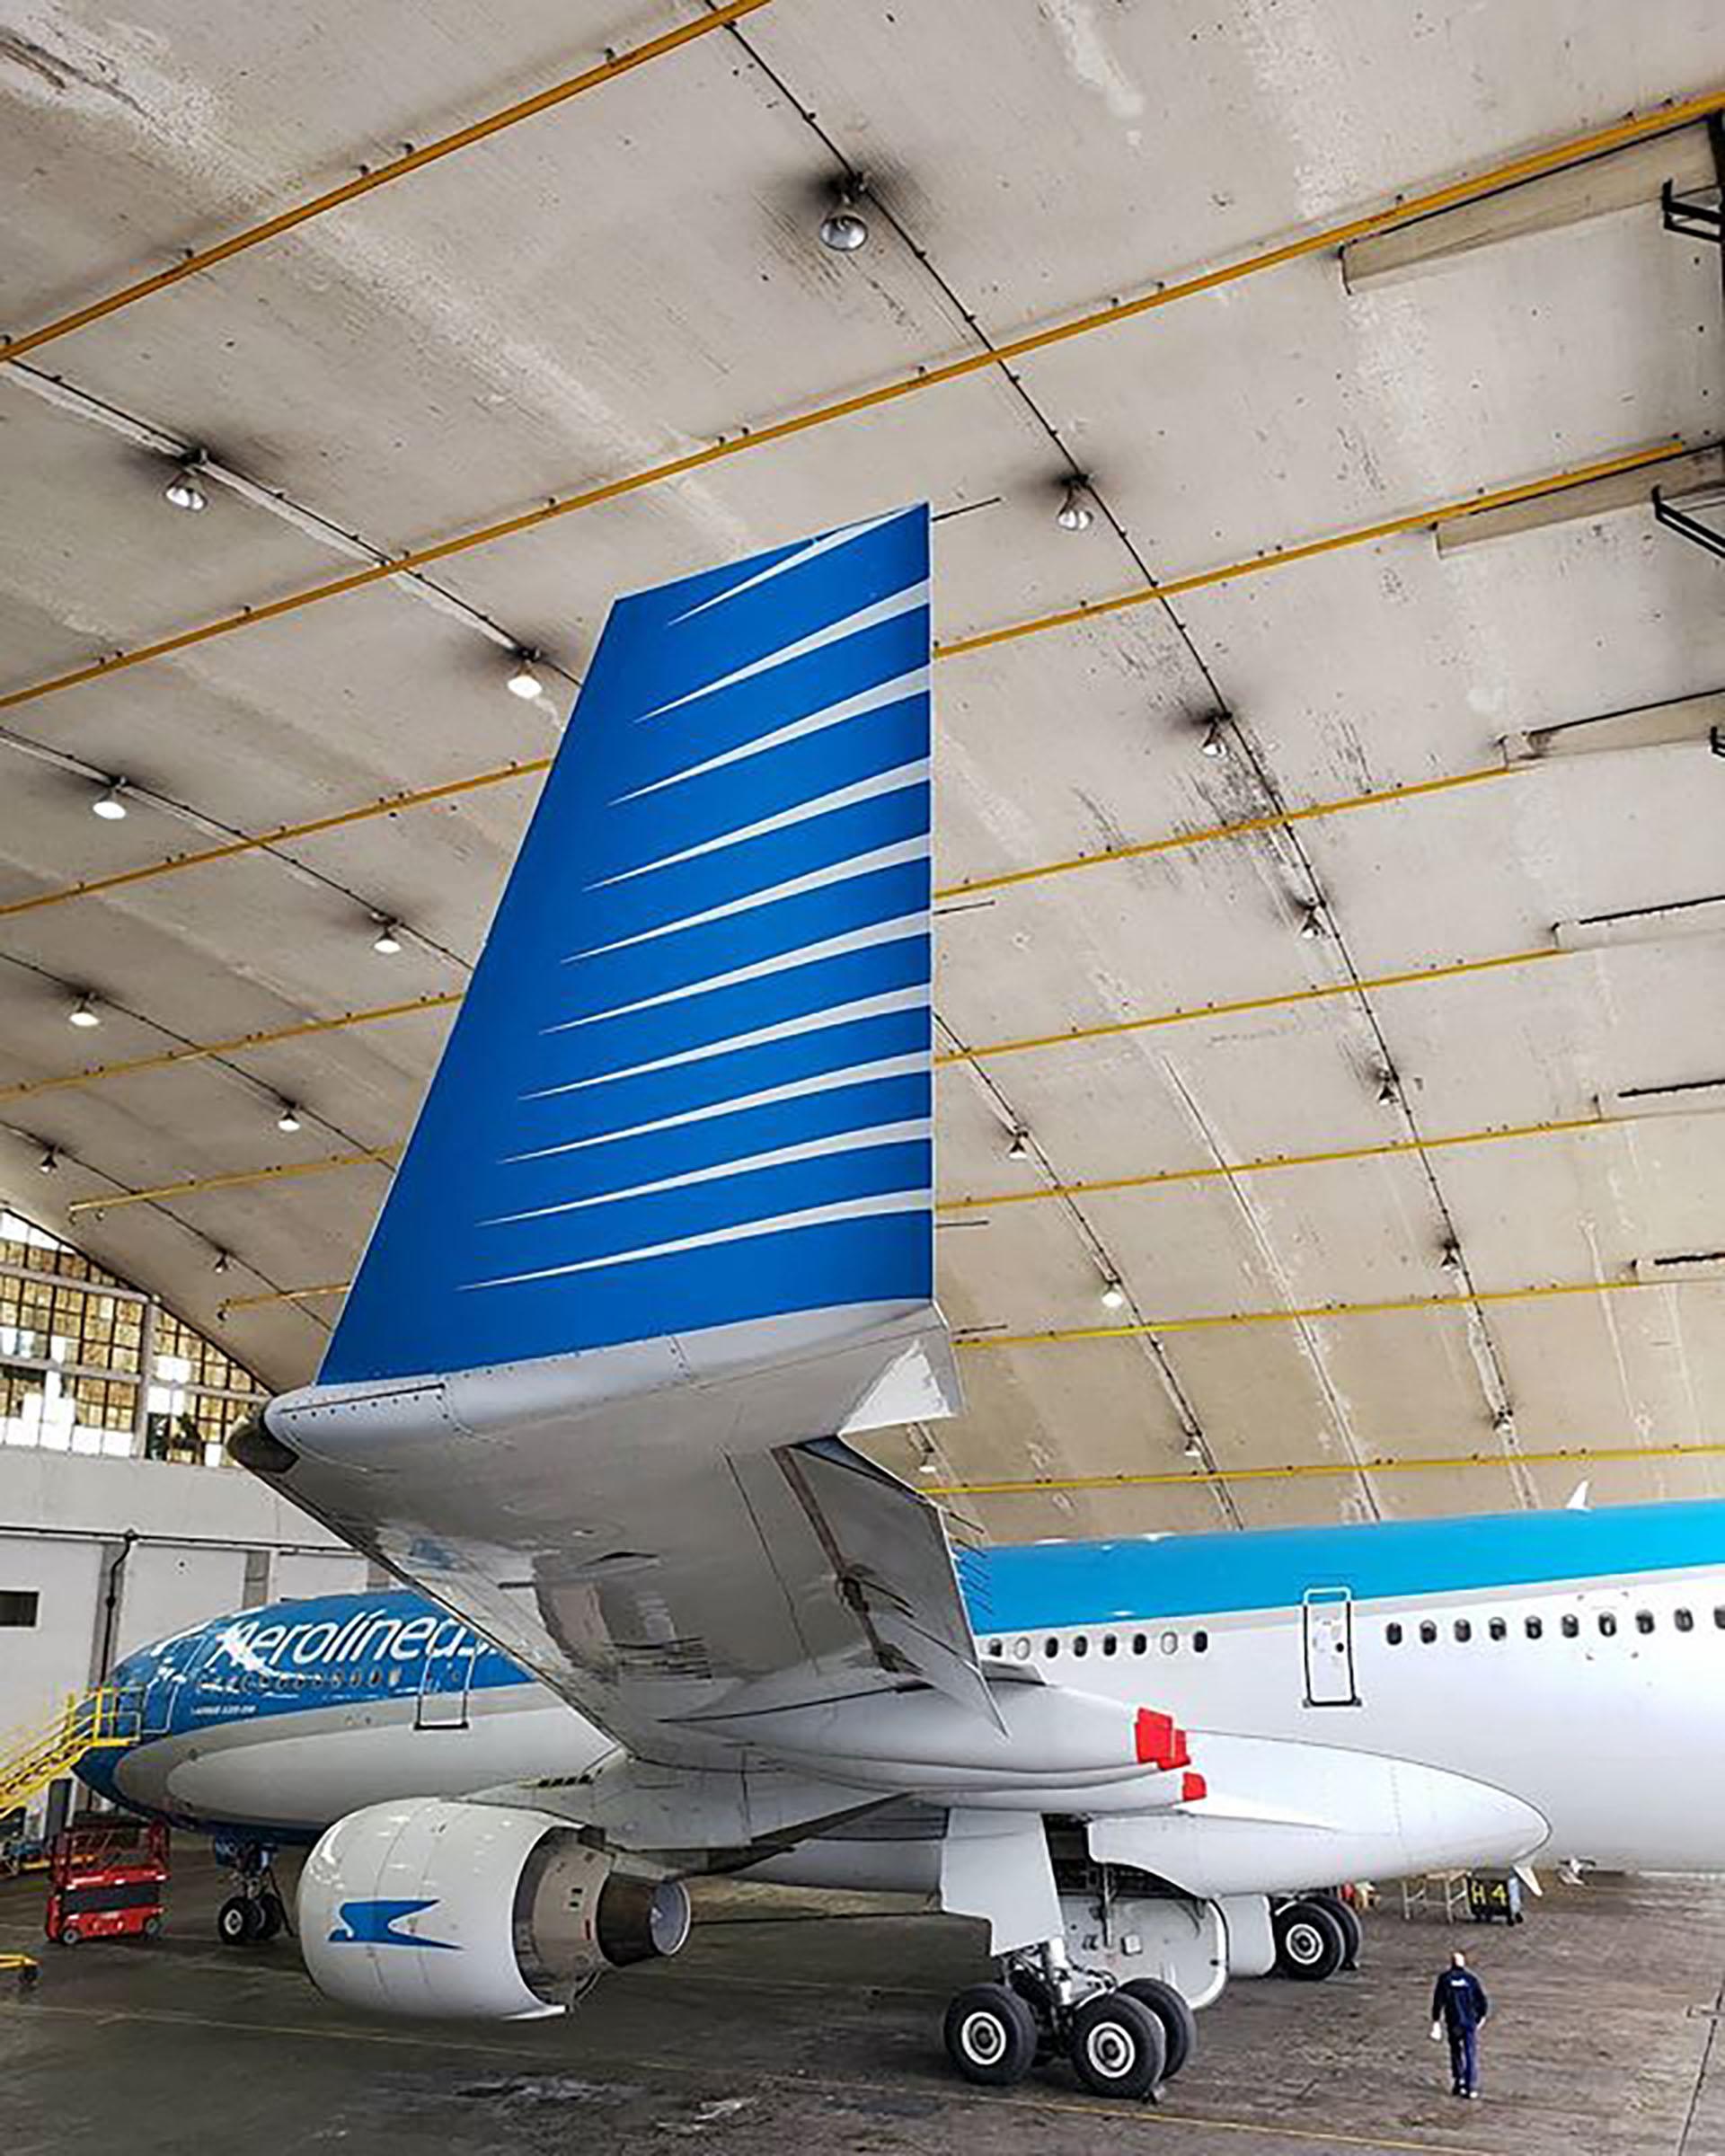 El Airbus A330-200 LV-FNK tiene 18 años de edad y es operando para la aerolínea de bandera desde noviembre de 2013 (foto: @lucassrubio)